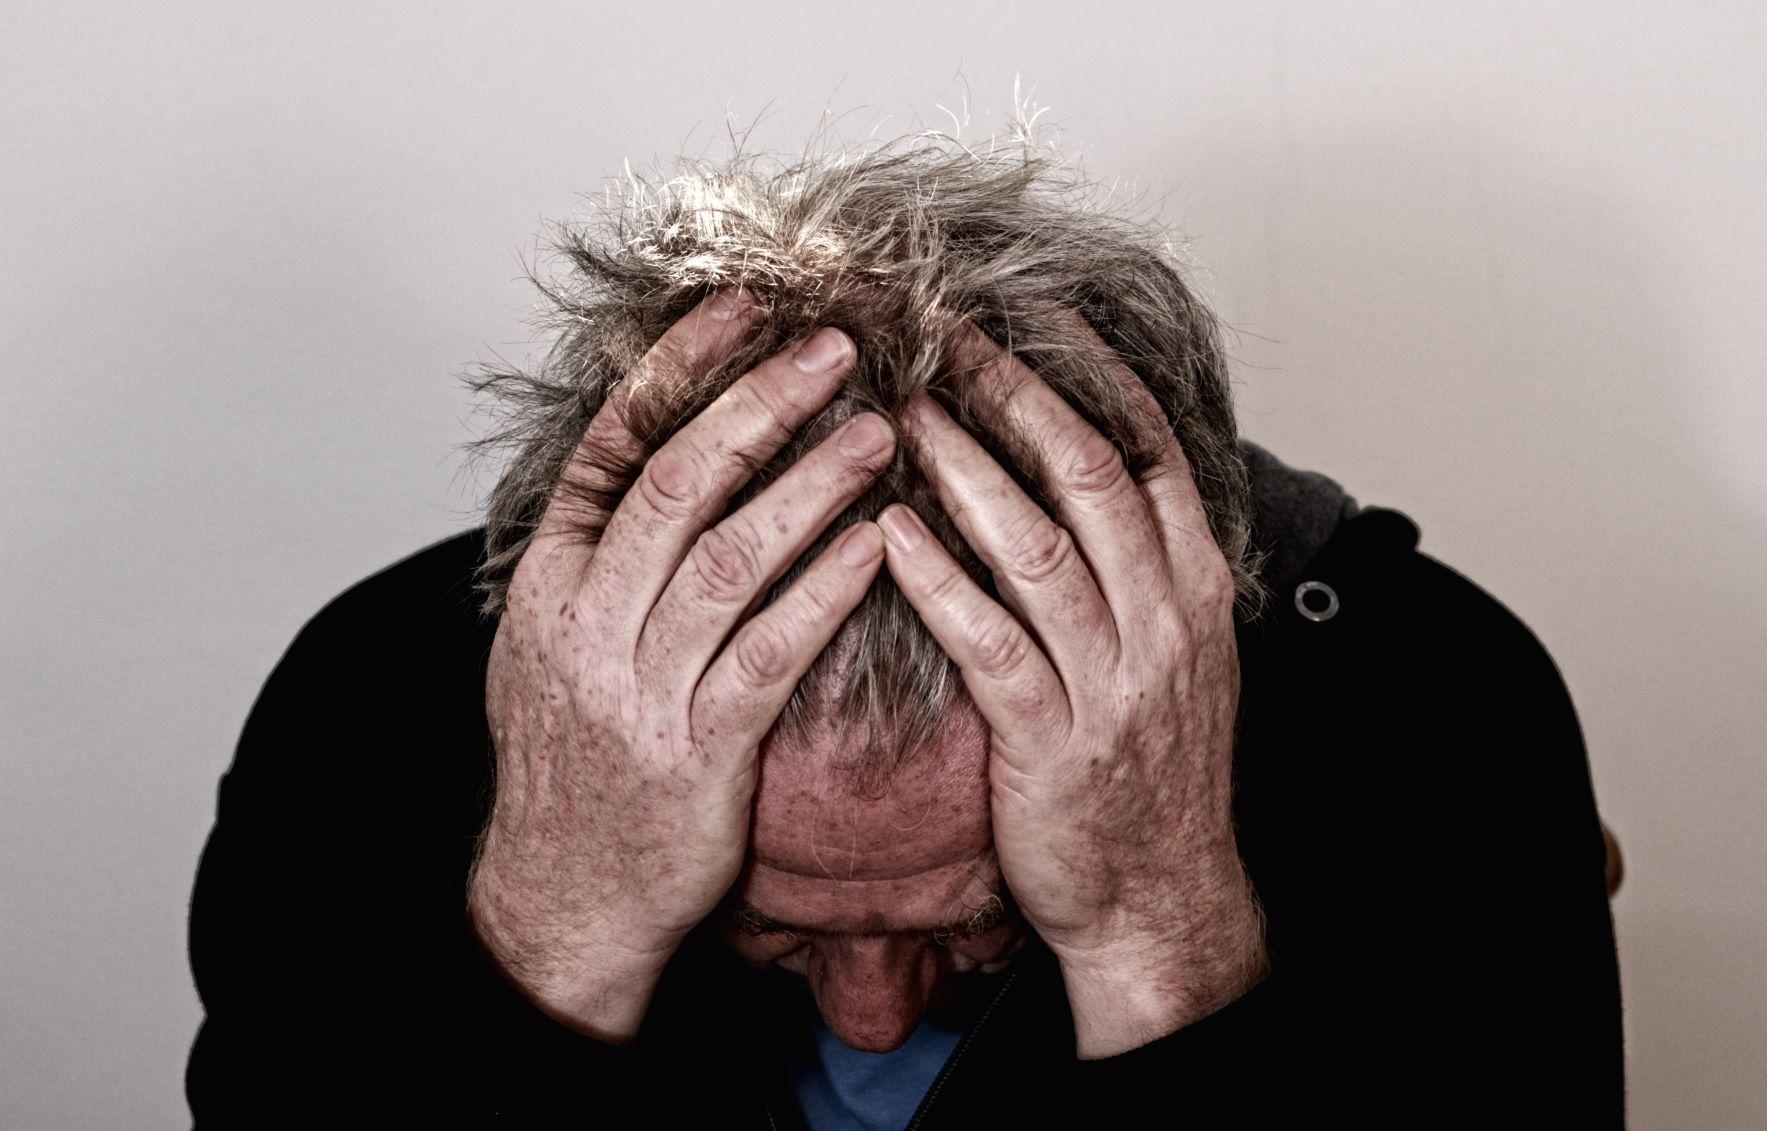 Trauriger Mann mit gesenktem Kopf.